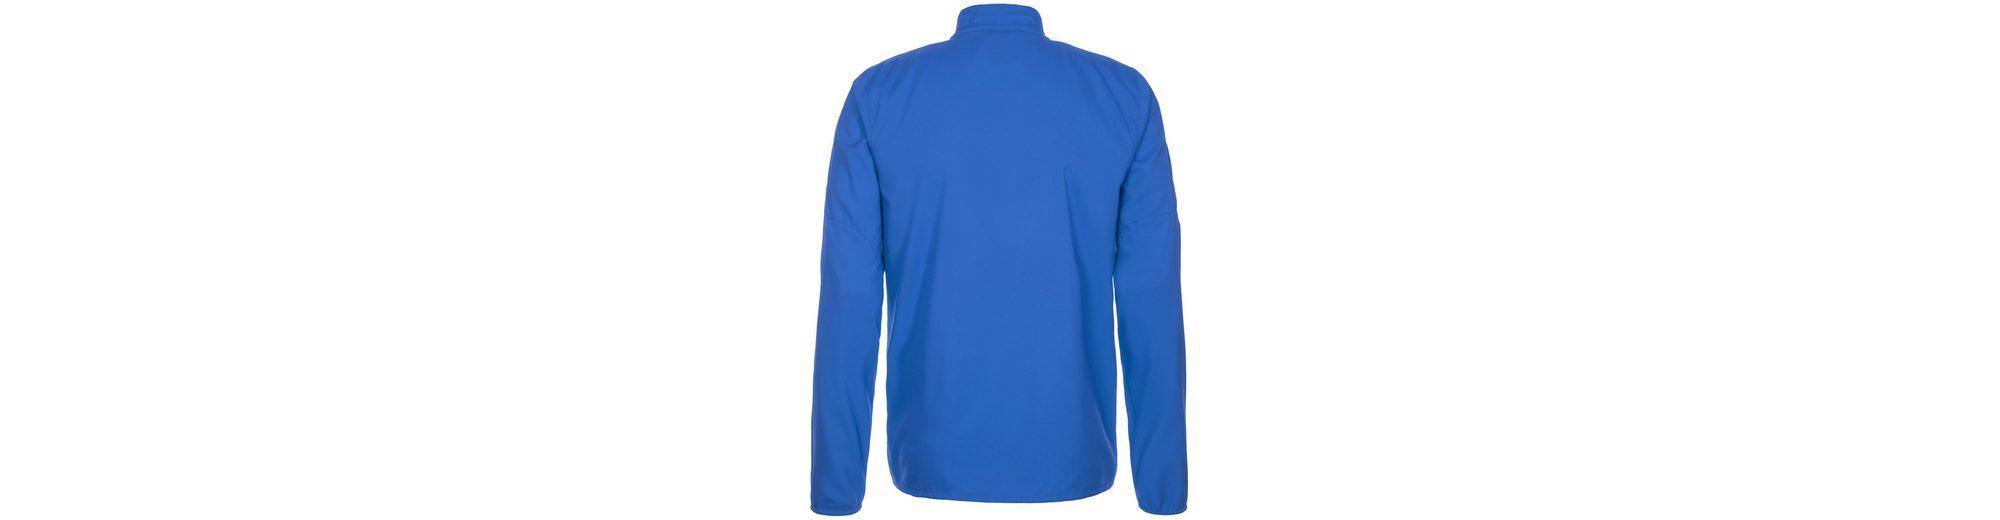 Spielraum Angebote Verkauf Online-Shop Nike Team Performance Shield Trainingsjacke Herren Komfortabel Zu Verkaufen Empfehlen Billig Niedrigen Preis Versandkosten Für Günstigen Preis 92P3PQ7